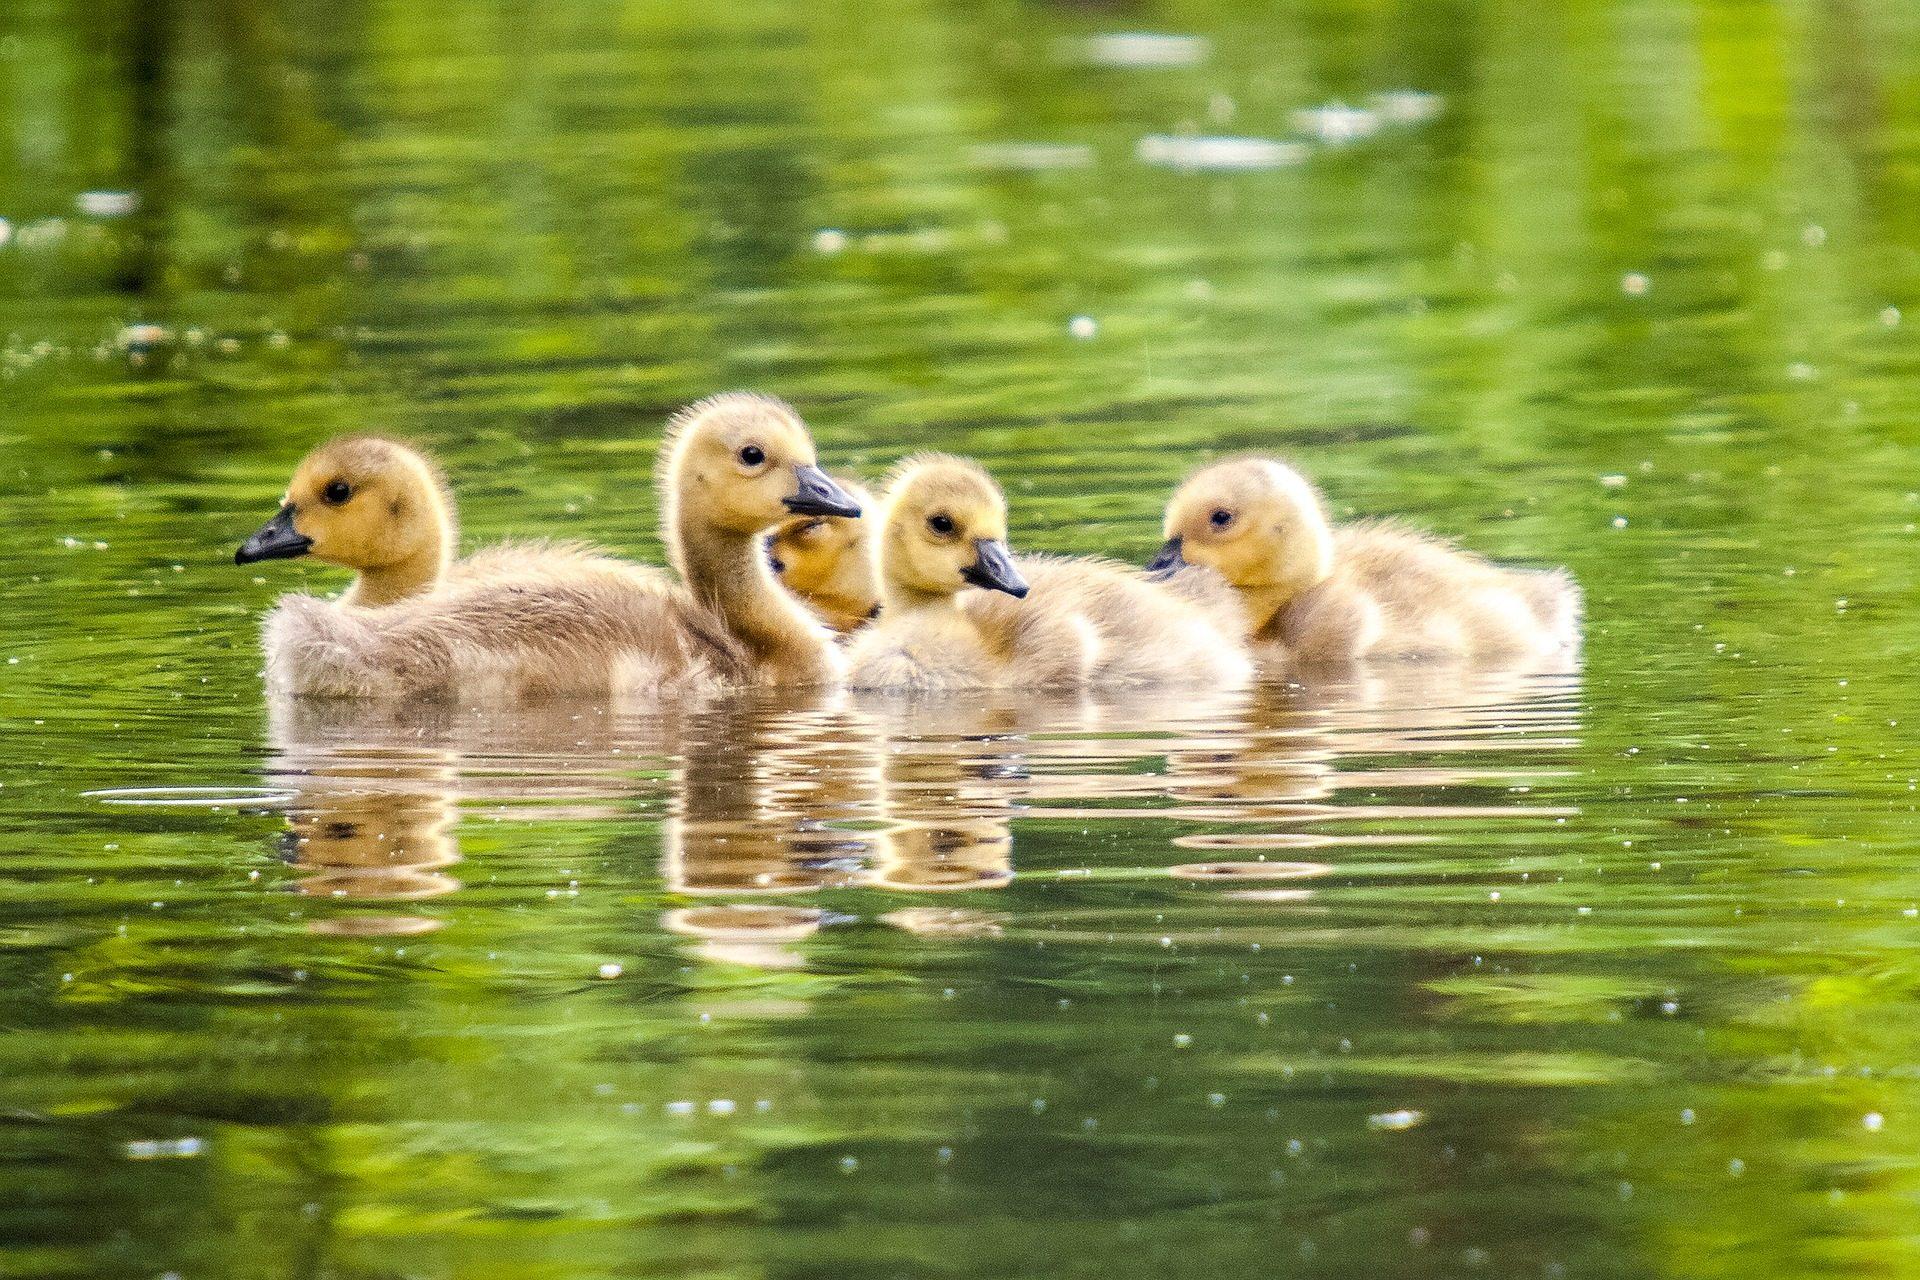 утки, молодой, пруд, Озеро, птицы - Обои HD - Профессор falken.com